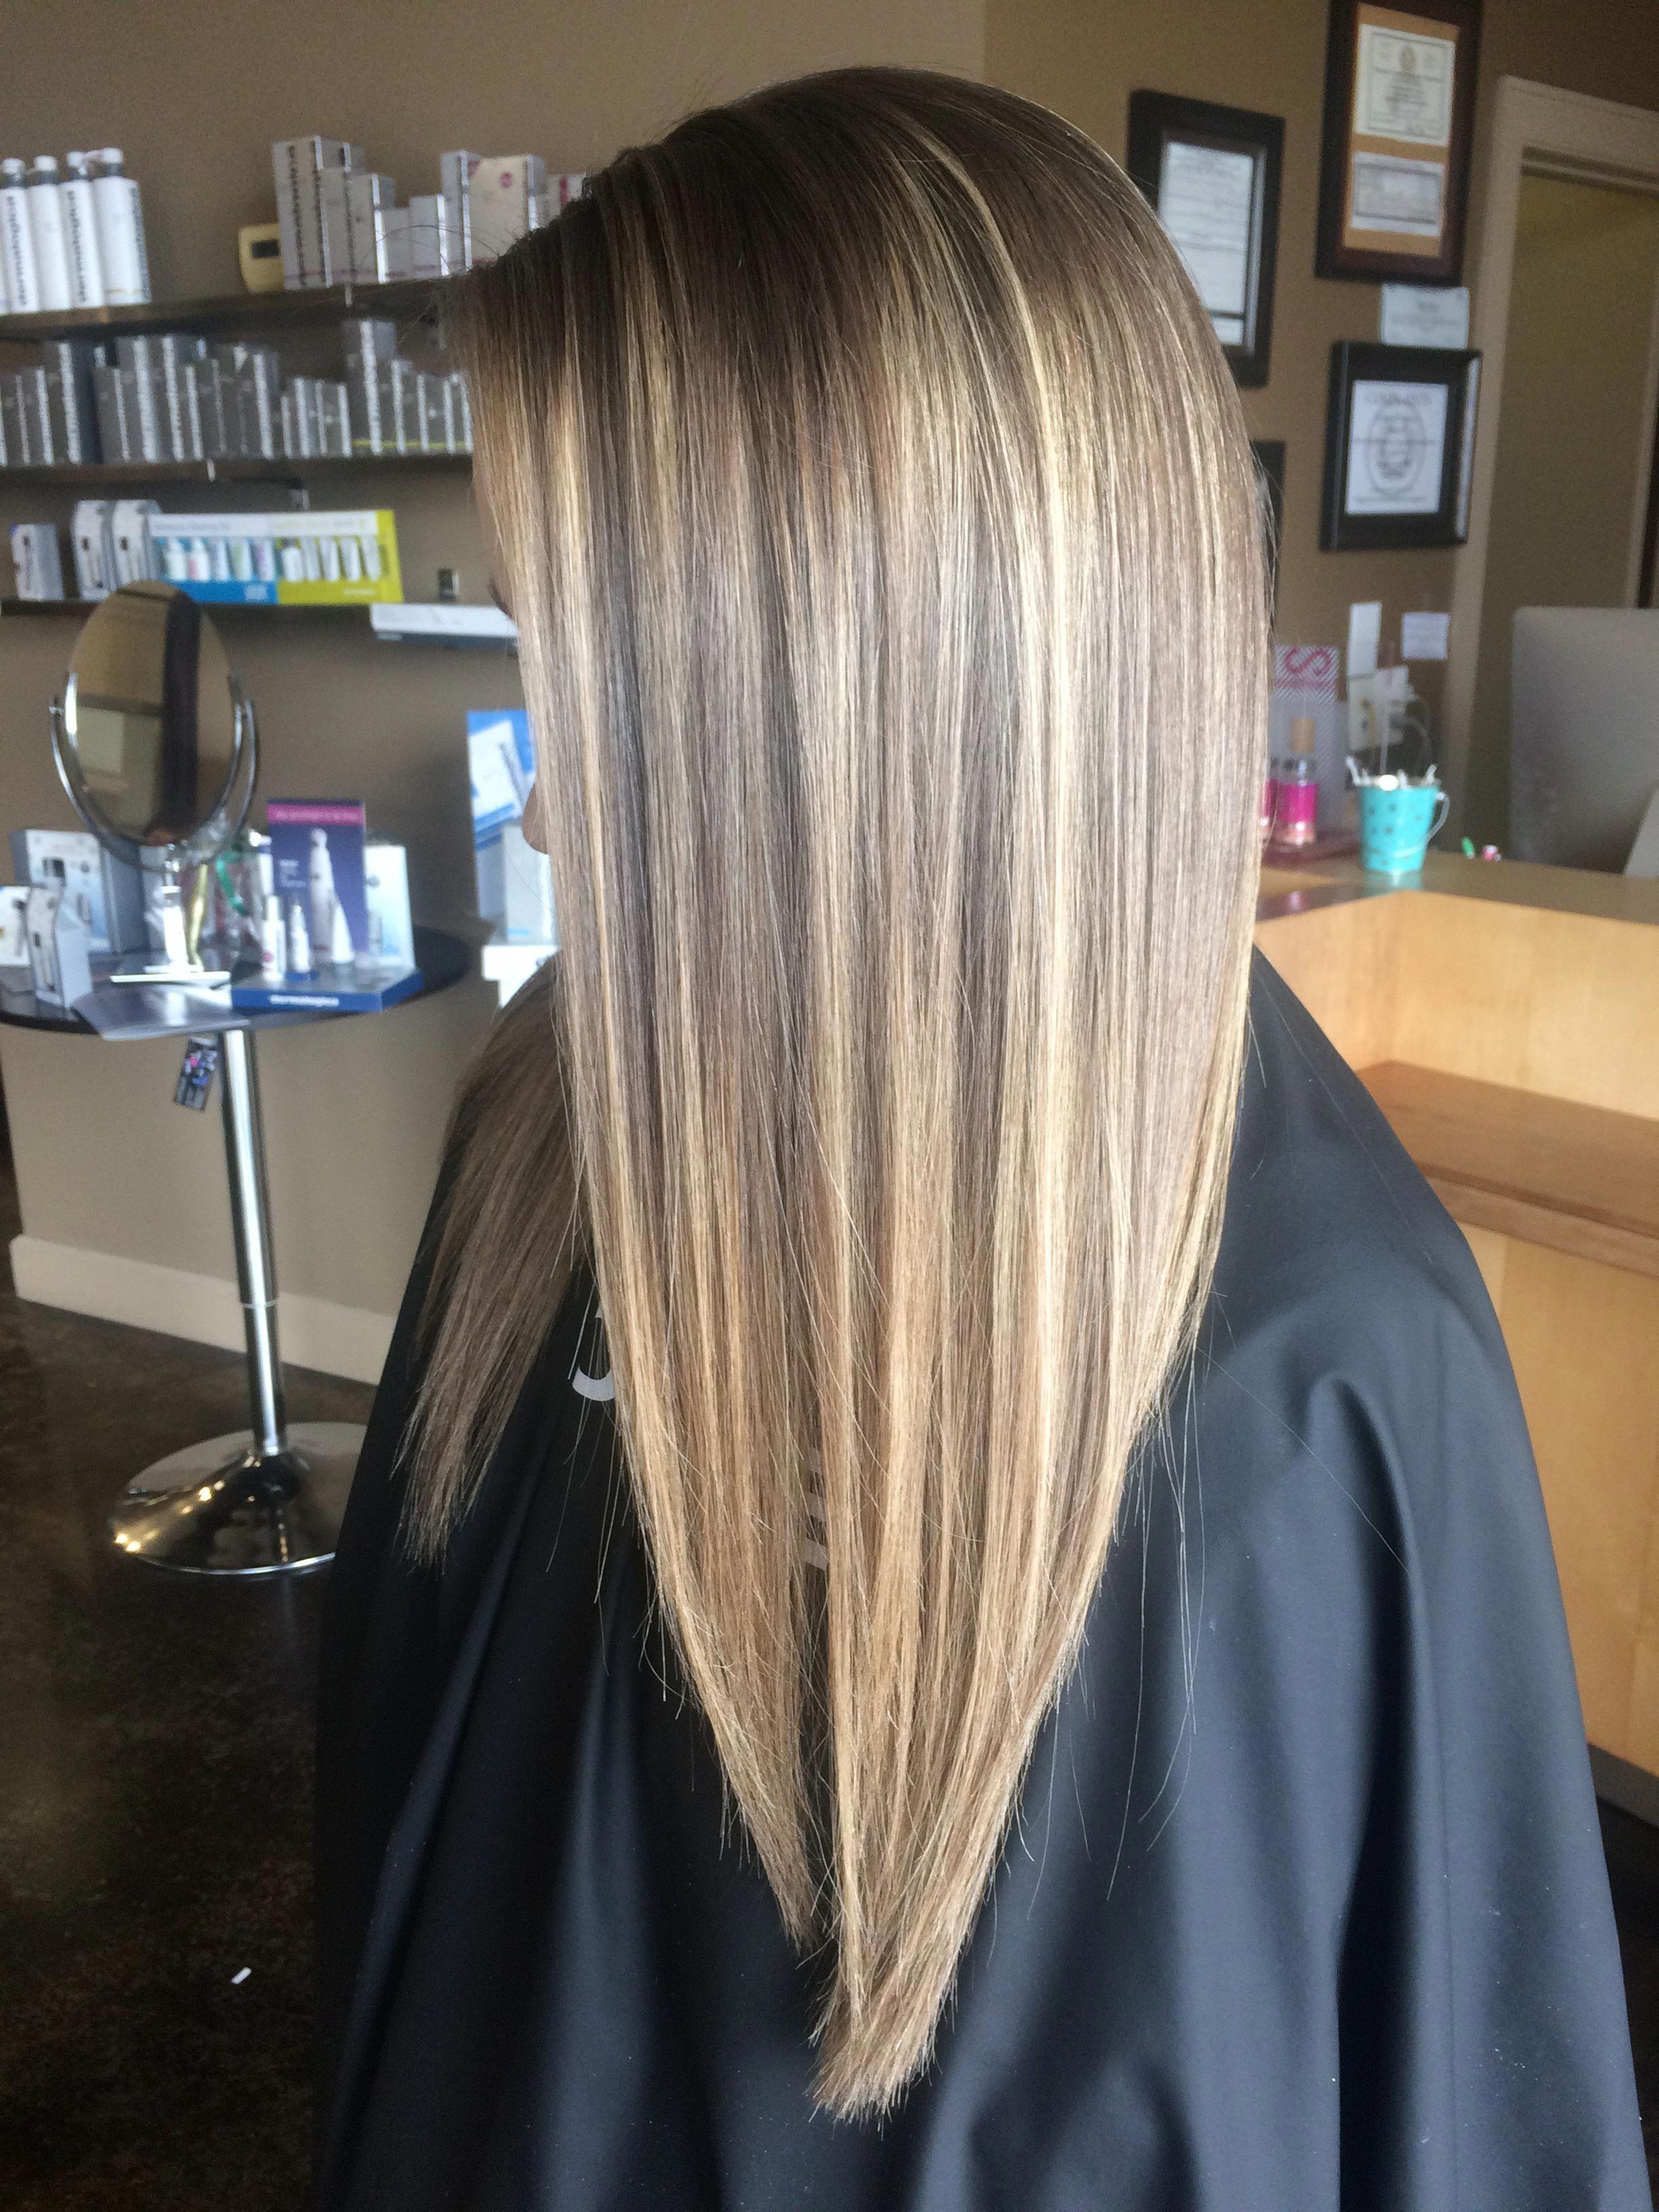 Natural Highlights Long Hair Straight Hair Nodamagewanted